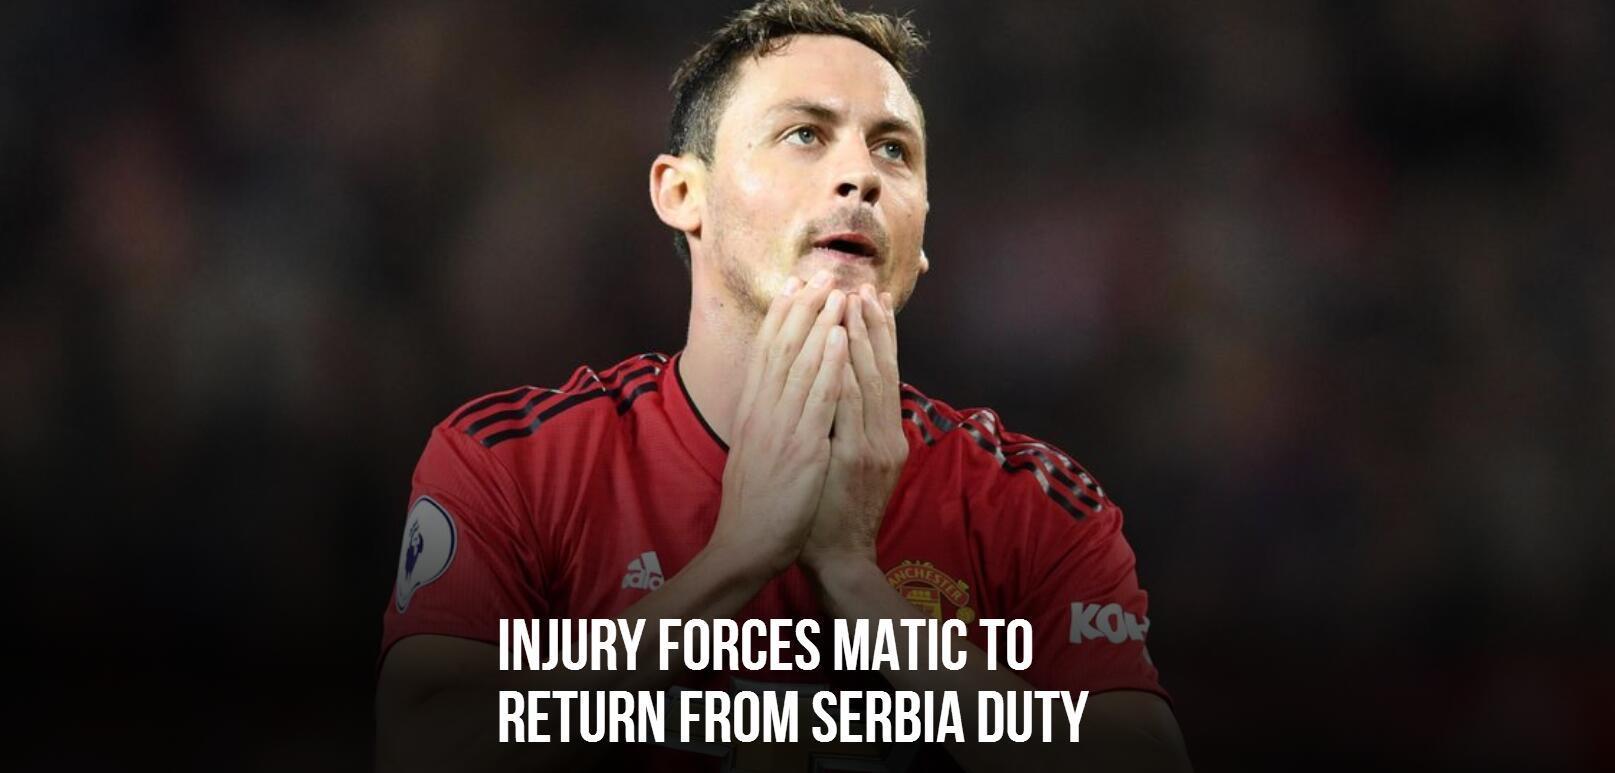 马图伊迪 曼联宣布马蒂奇因伤退出国家队 出战切尔西成疑